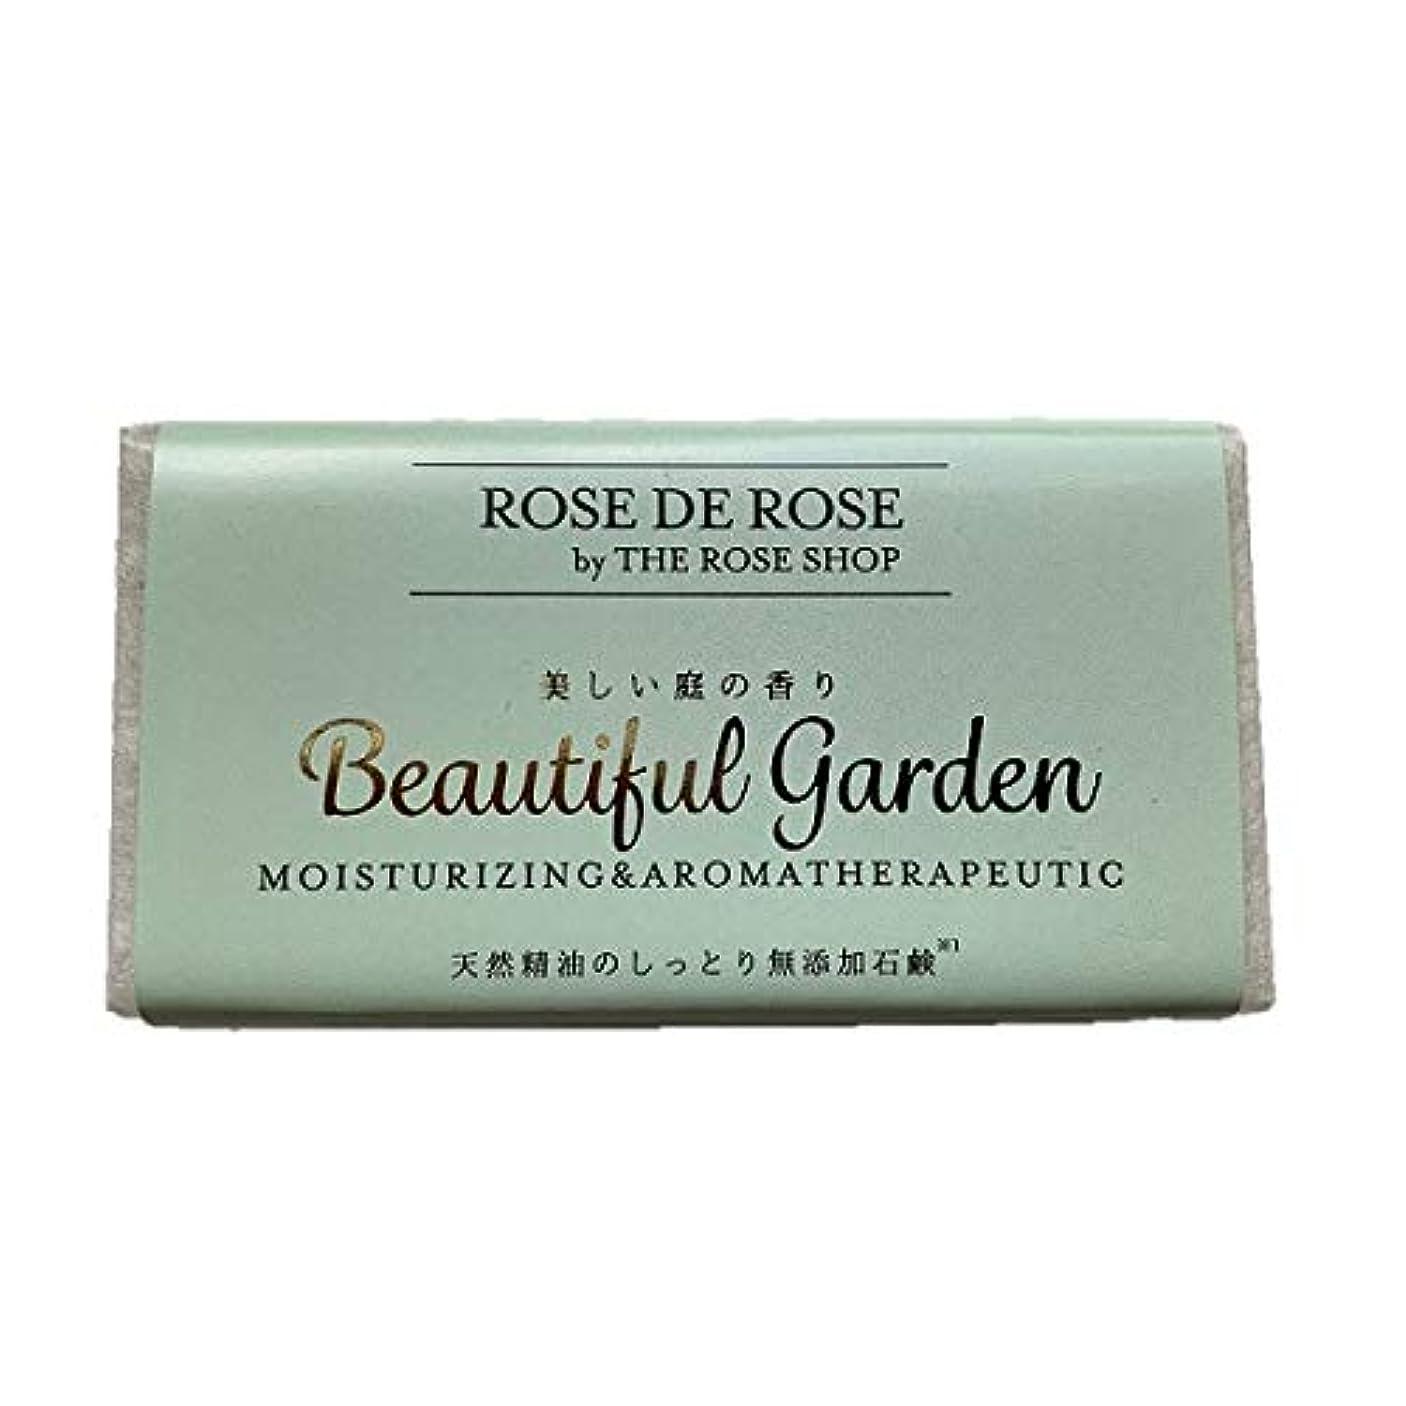 引き渡すつば同一の天然精油の無添加石鹸 「美しい庭の香り ビューティフルガーデン」3個セット